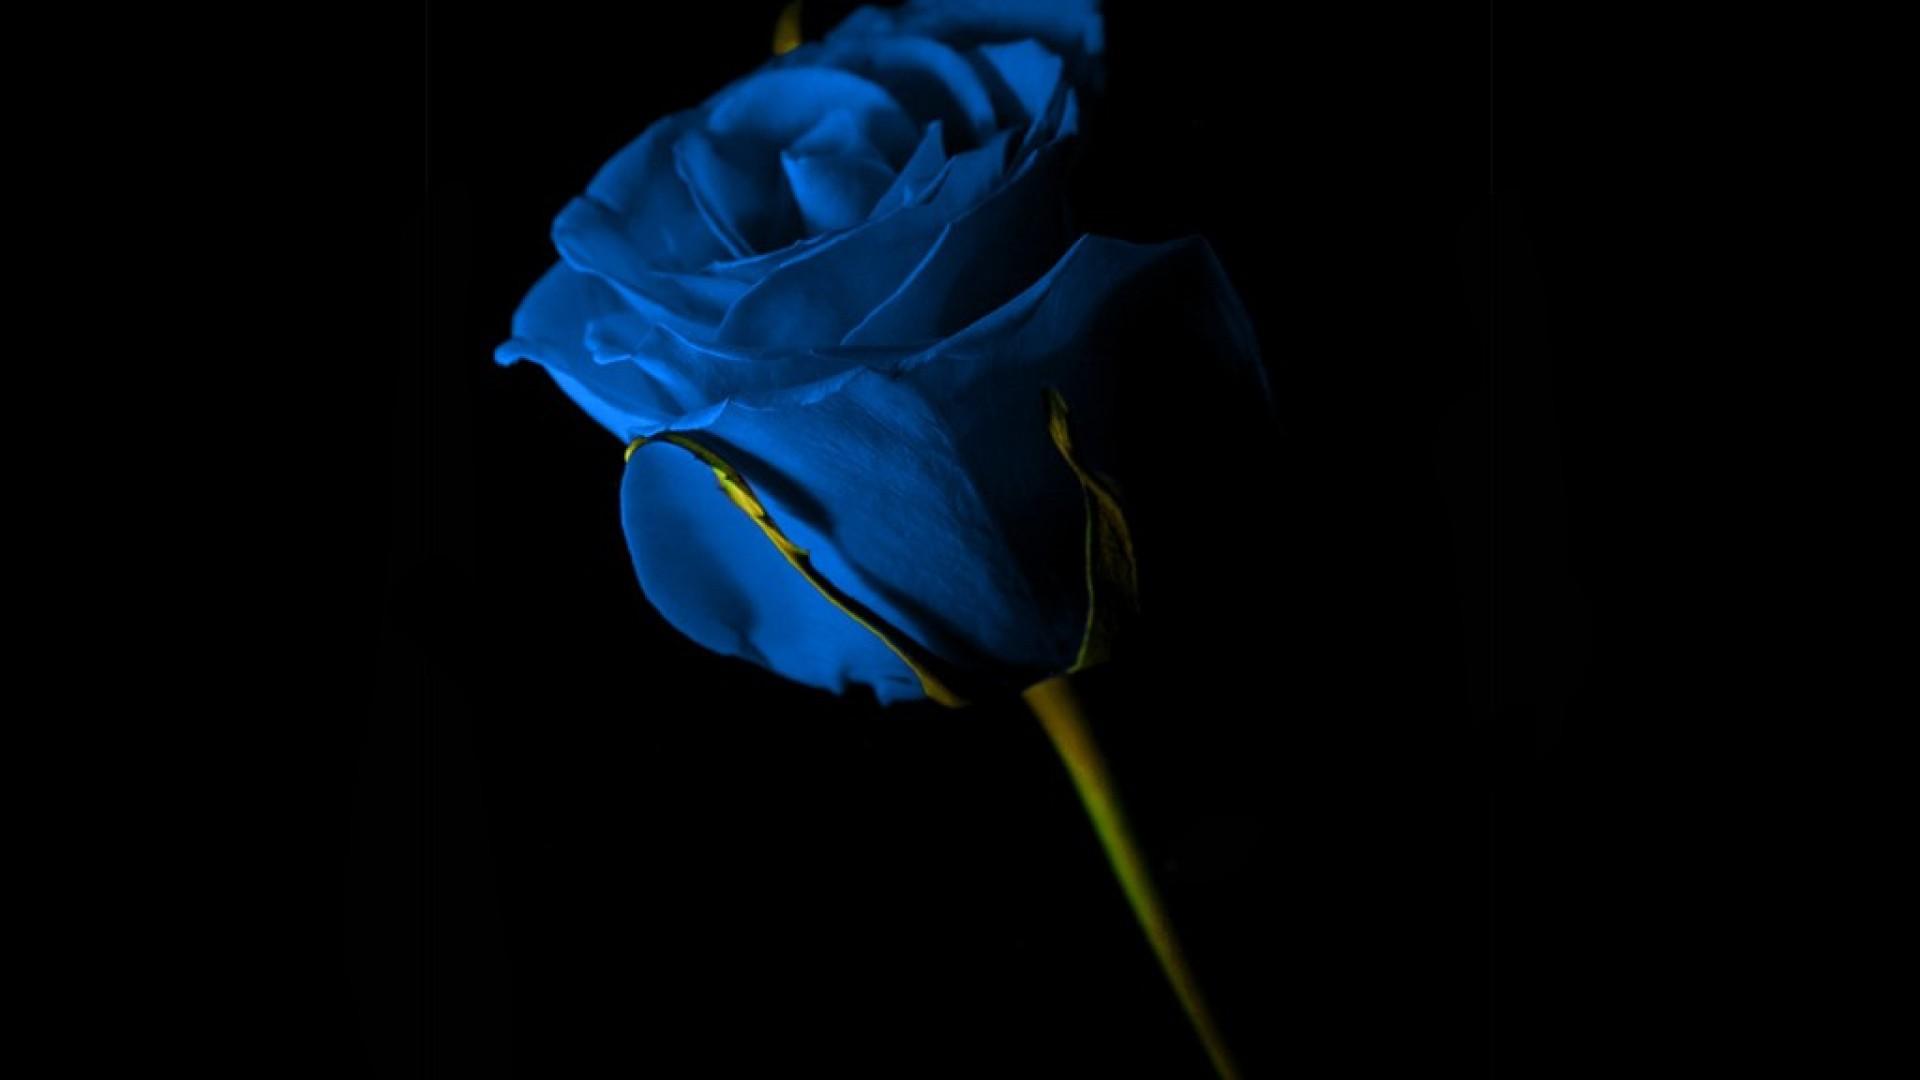 картинки цветов черные и синие она форм